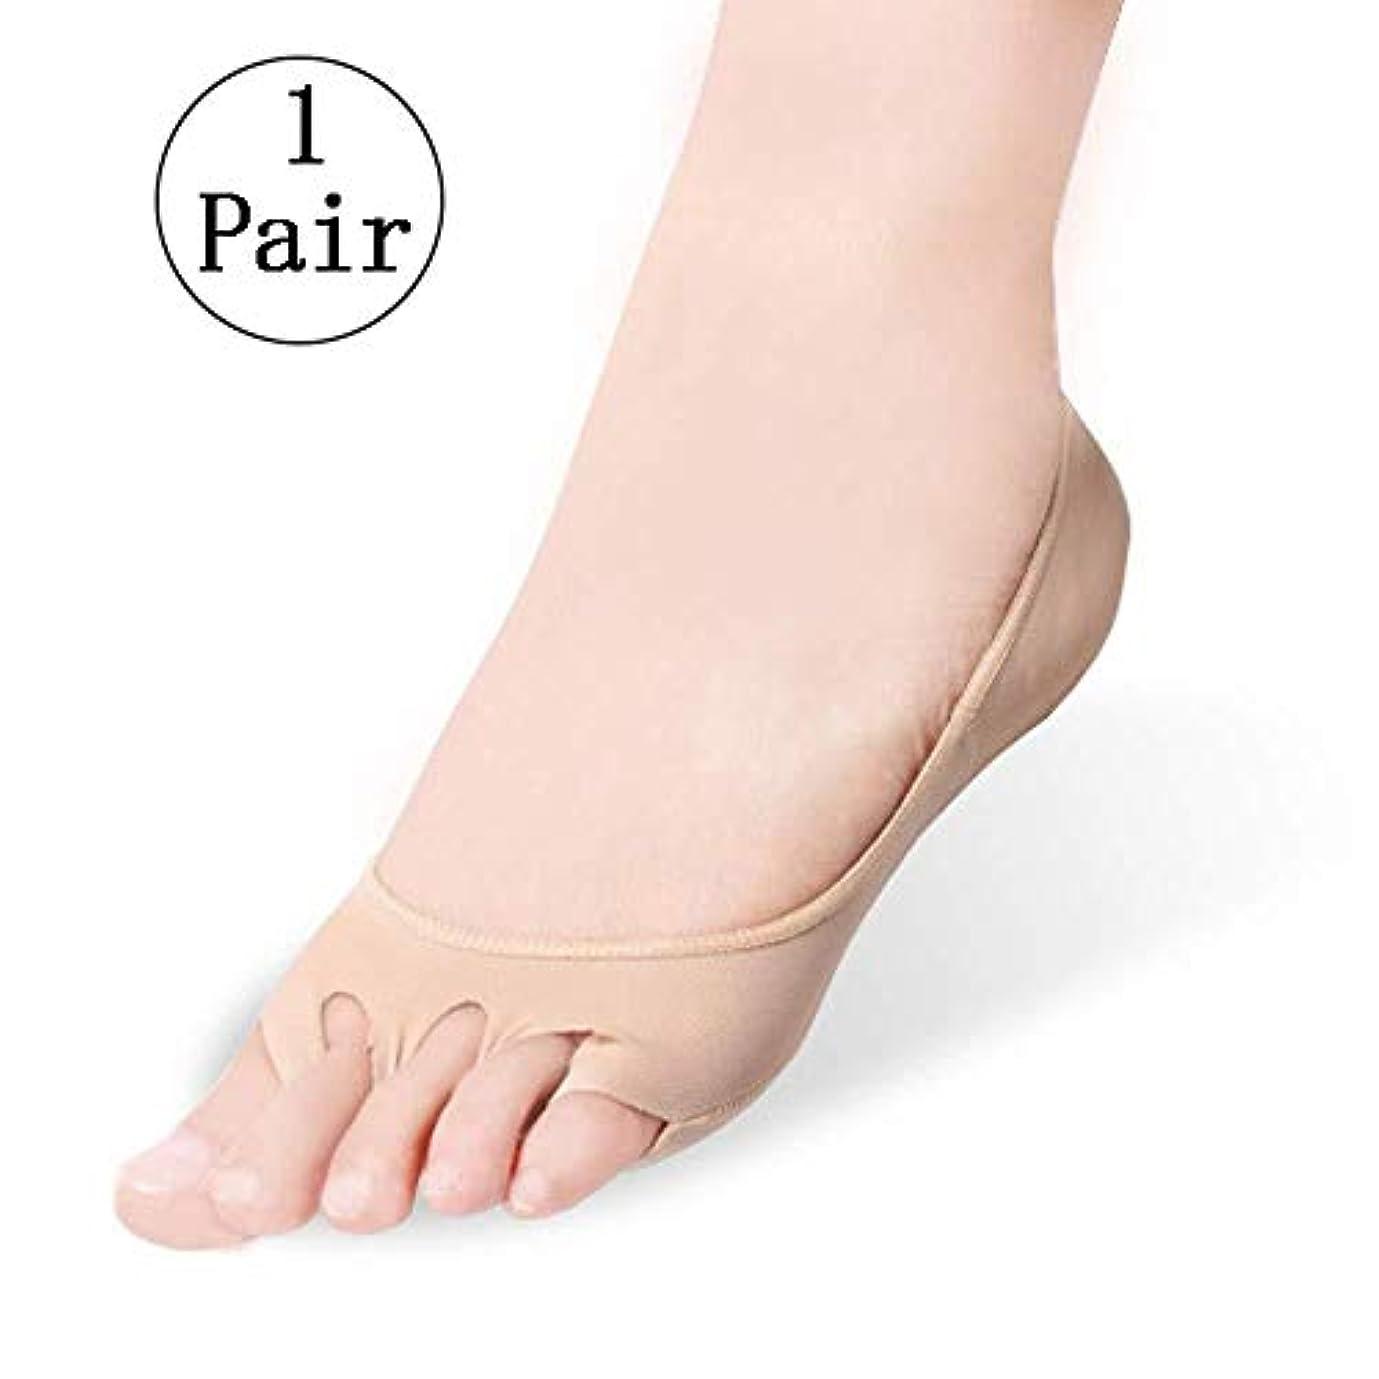 ナイトスポット巨人眠っているつま先セパレーター、快適で通気性、伸縮性に優れ、腱膜痛、外反母hall、足の親指の調整を緩和